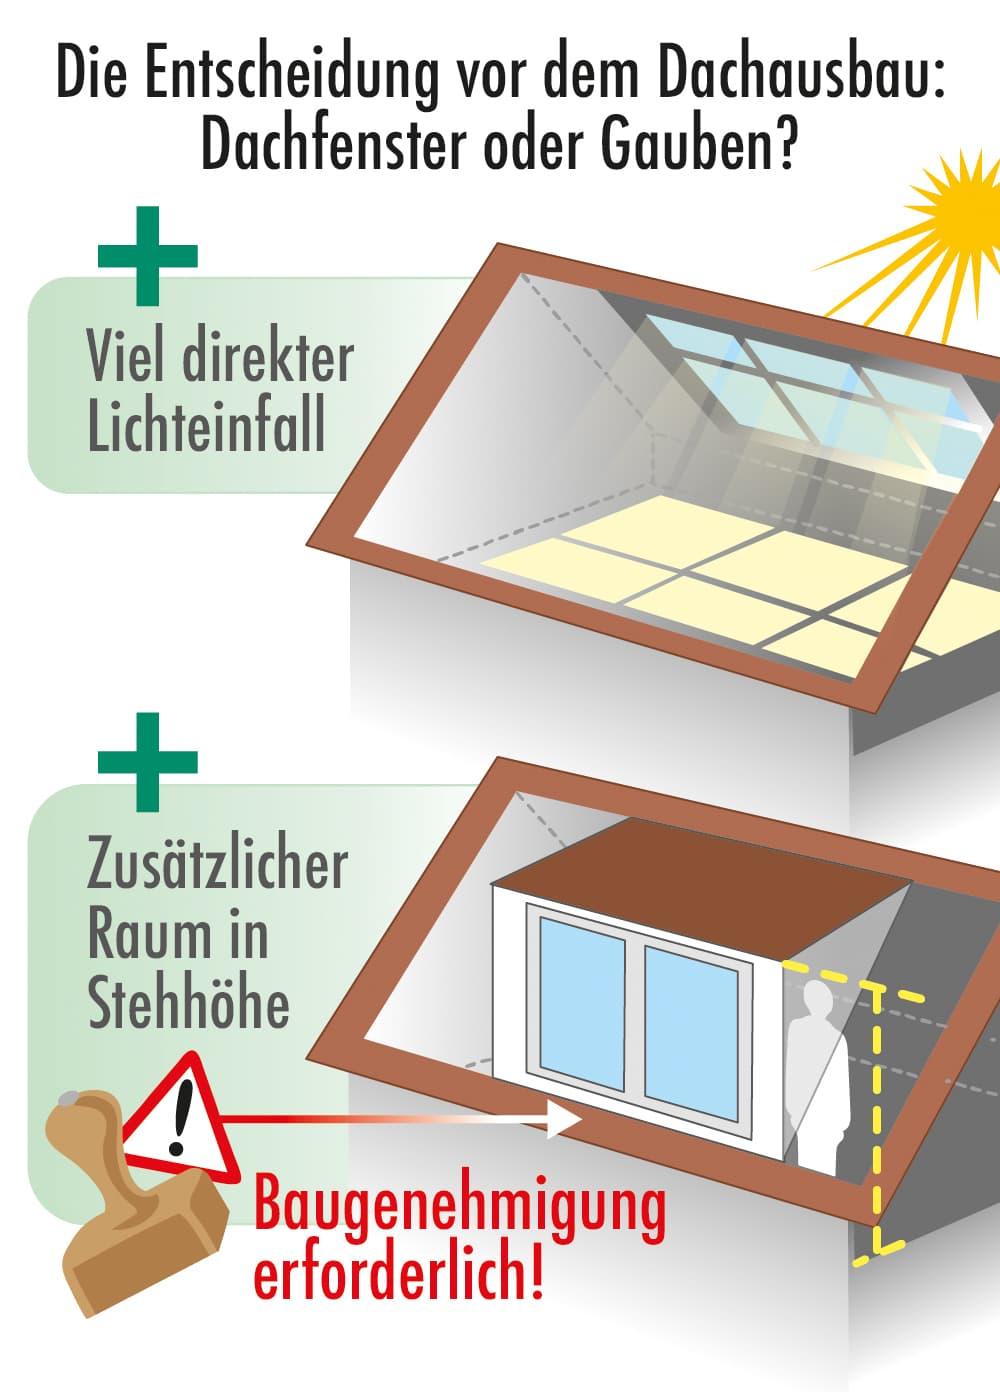 Dachfenster oder Dachgaube?